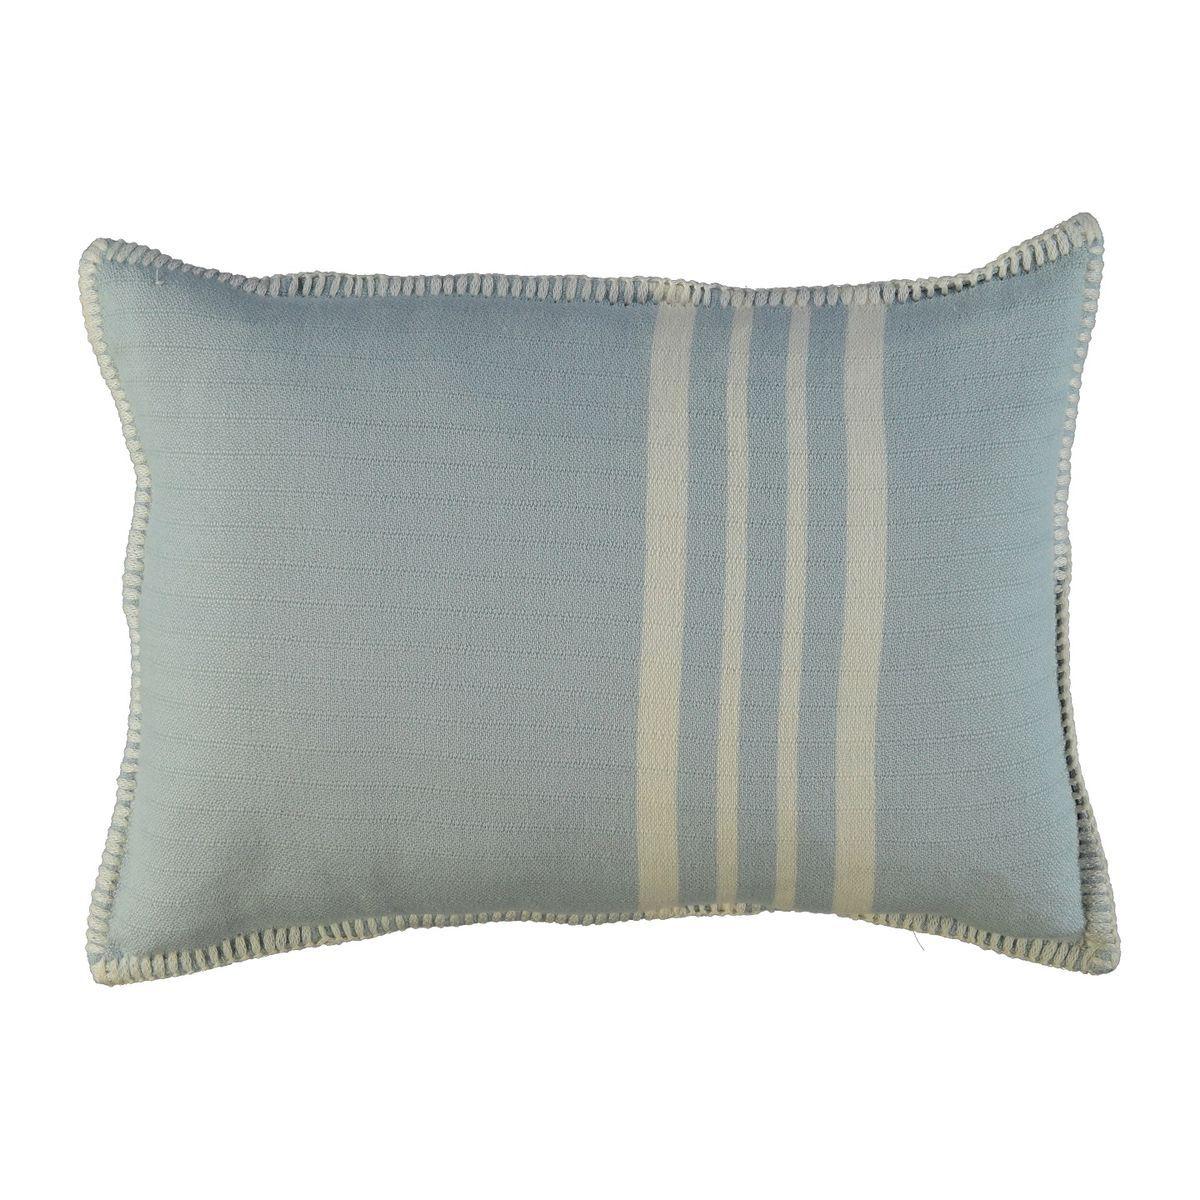 Cushion Cover Sultan - Light Blue / 30x40